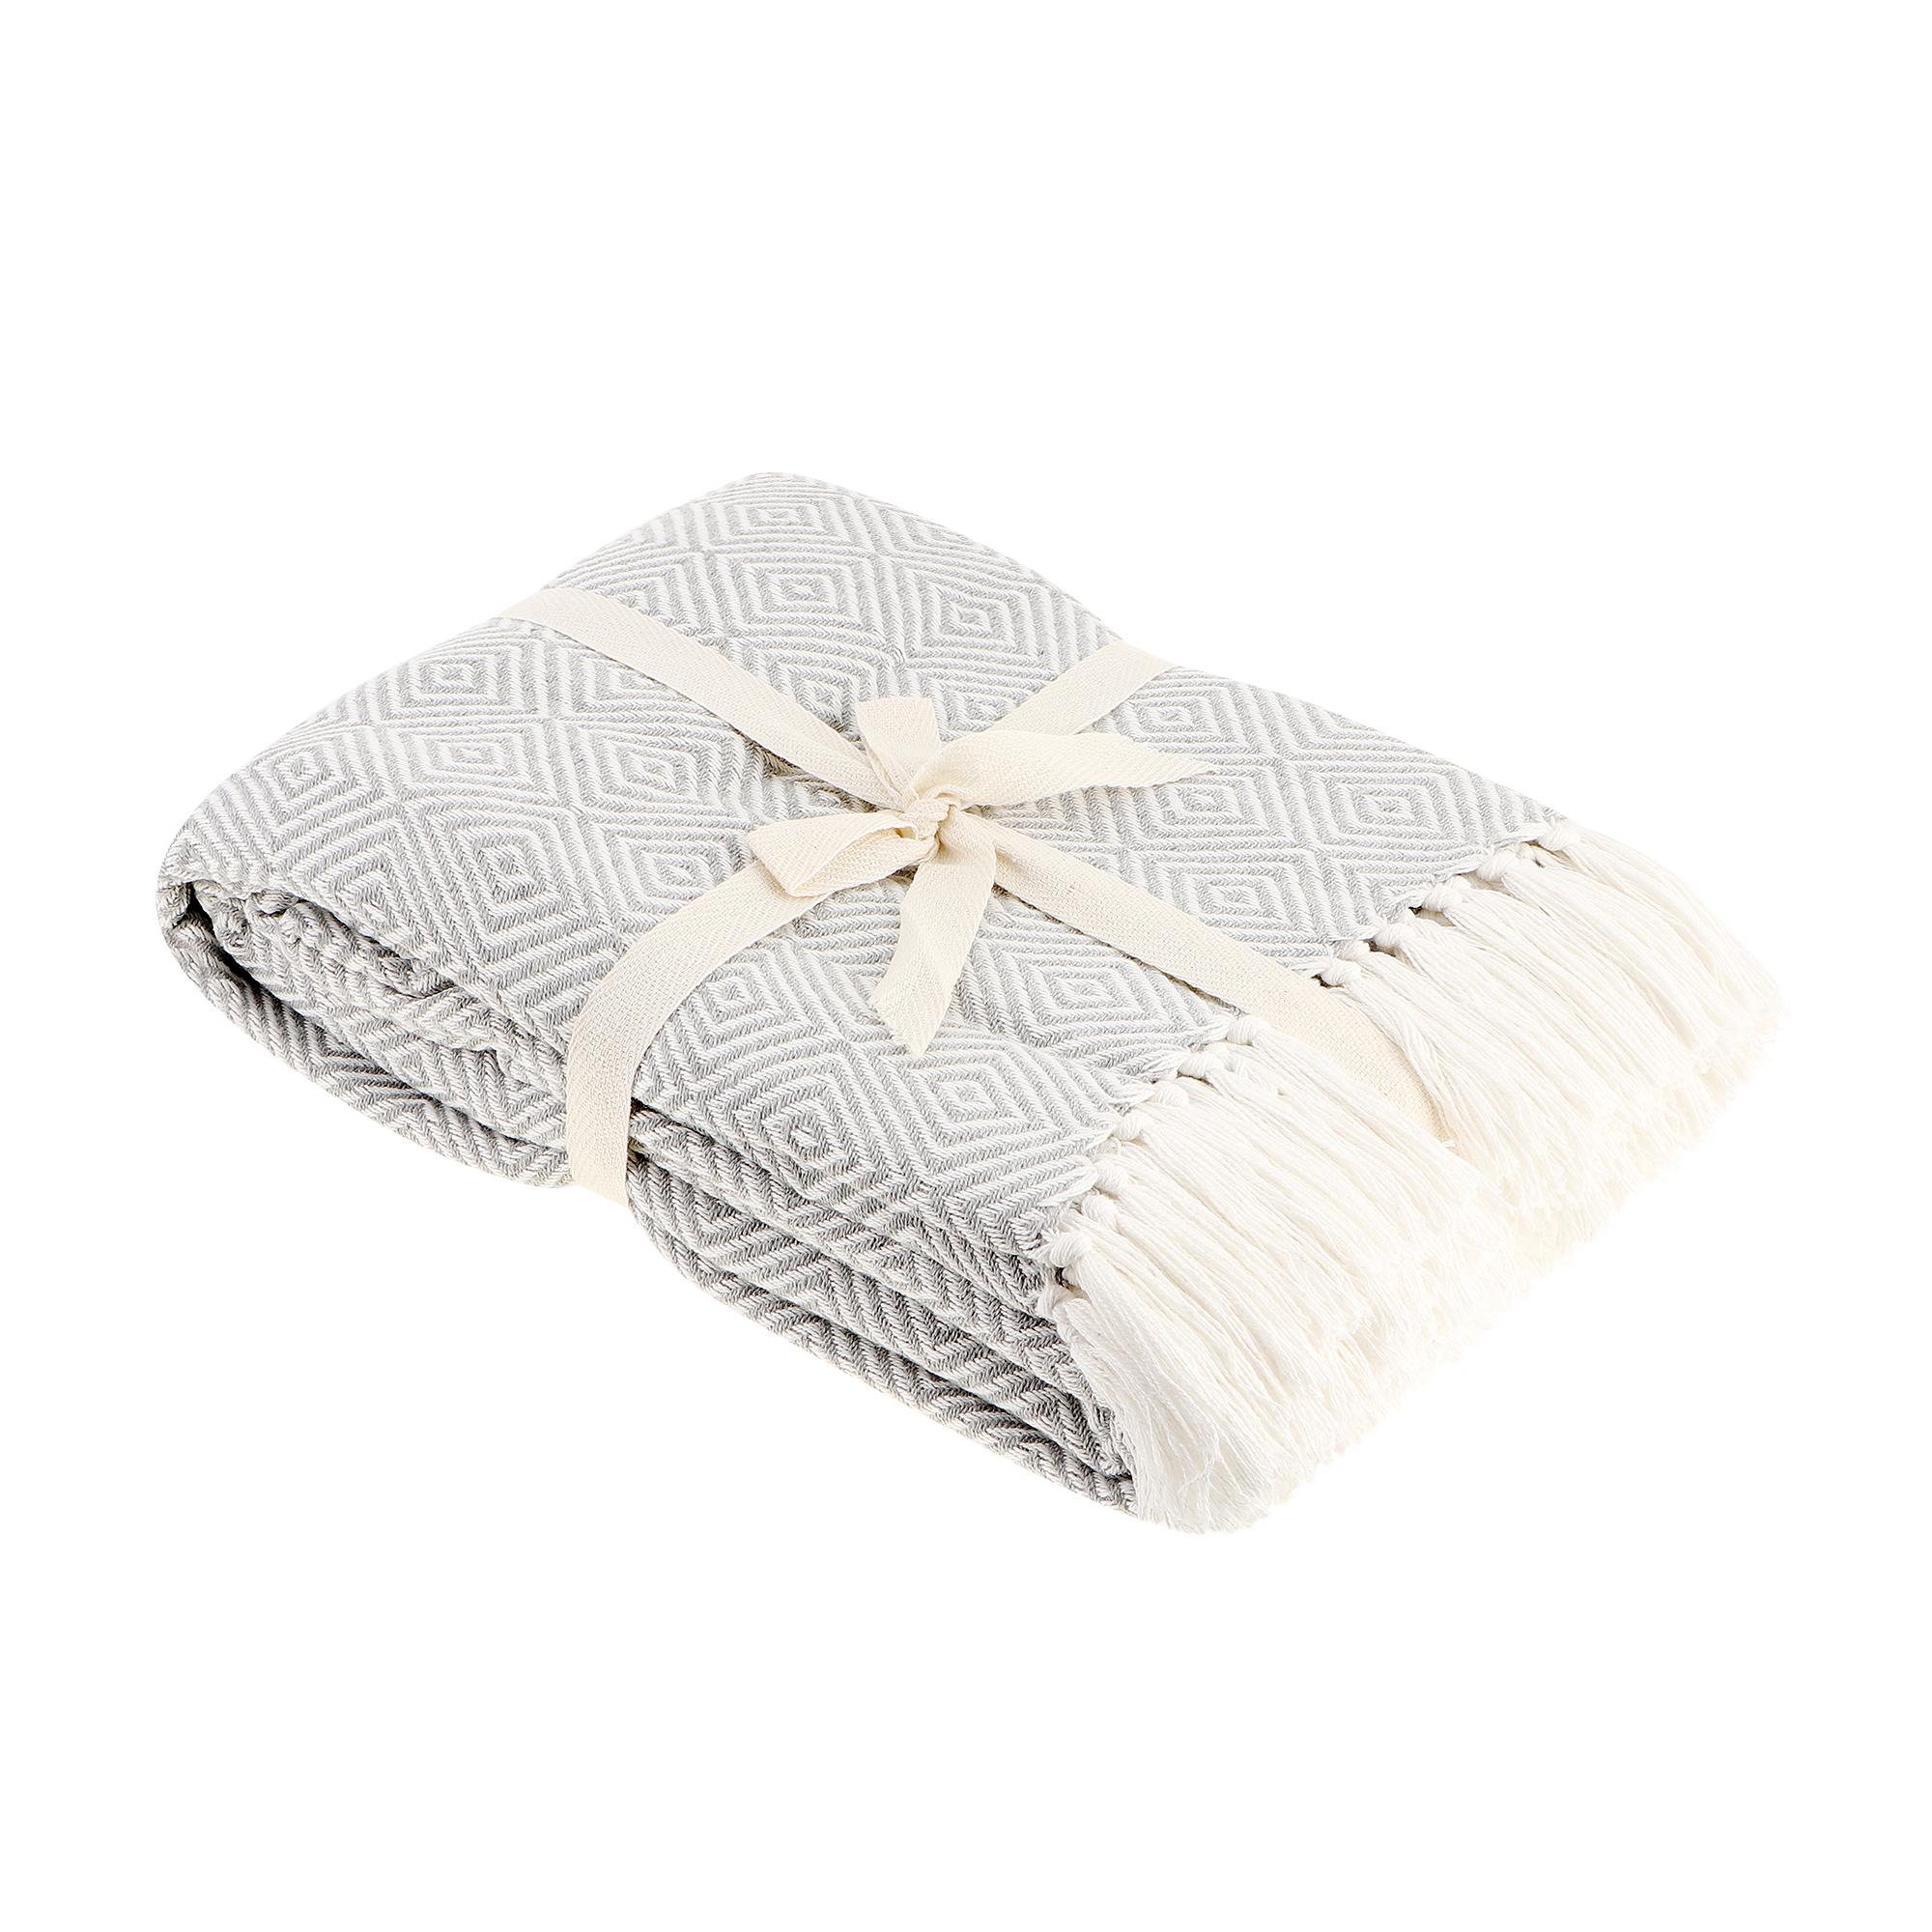 Плед Homelines textiles diamond 220x240cm light grey фото